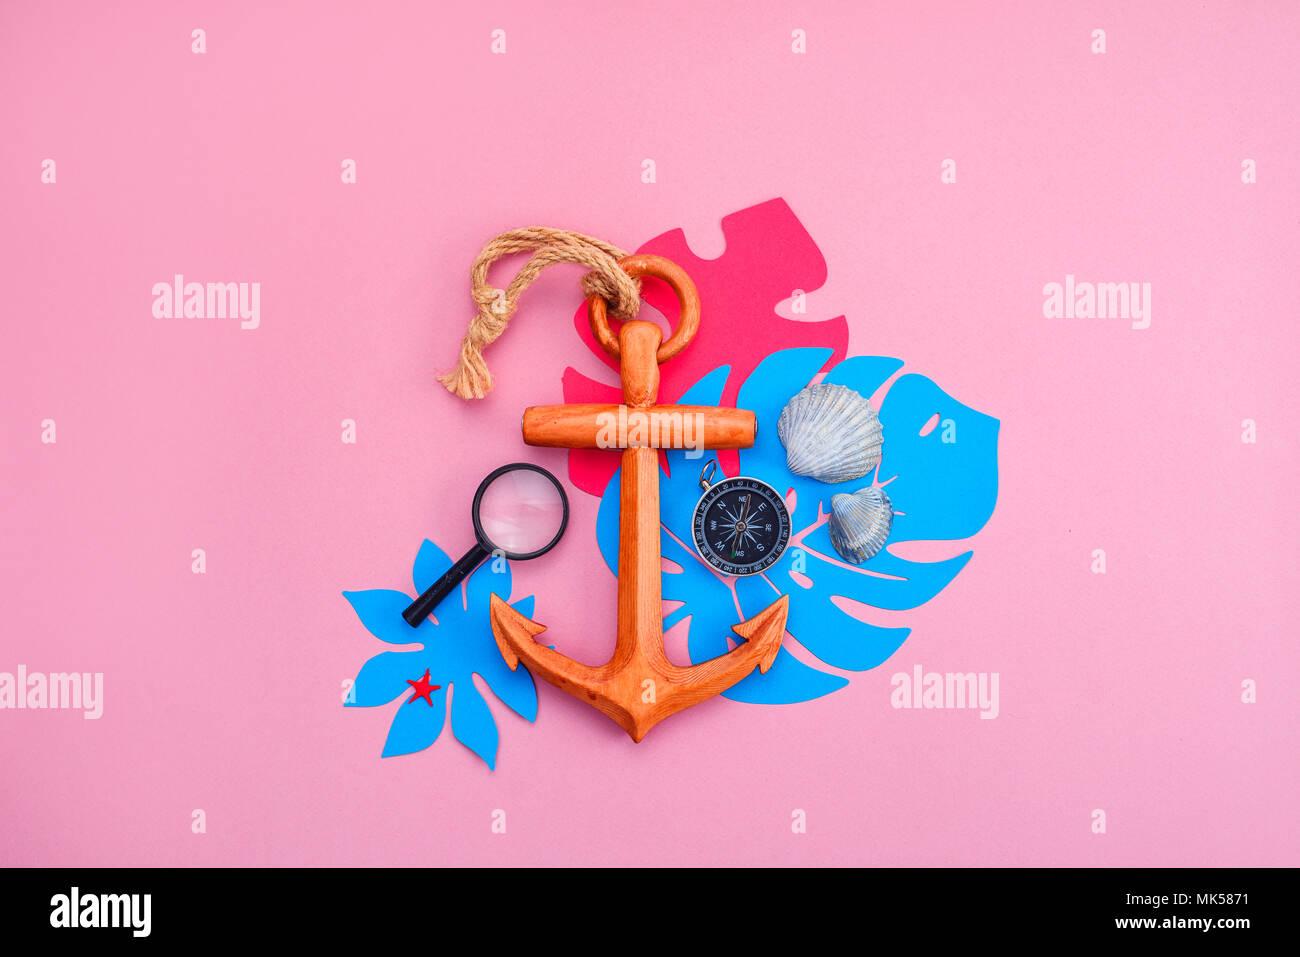 Bunte Reise und Konzept auf einem hellen Rosa Hintergrund. Tropische Blätter, Holz- Anker, Kompass und Muscheln mit kopieren. Stockbild